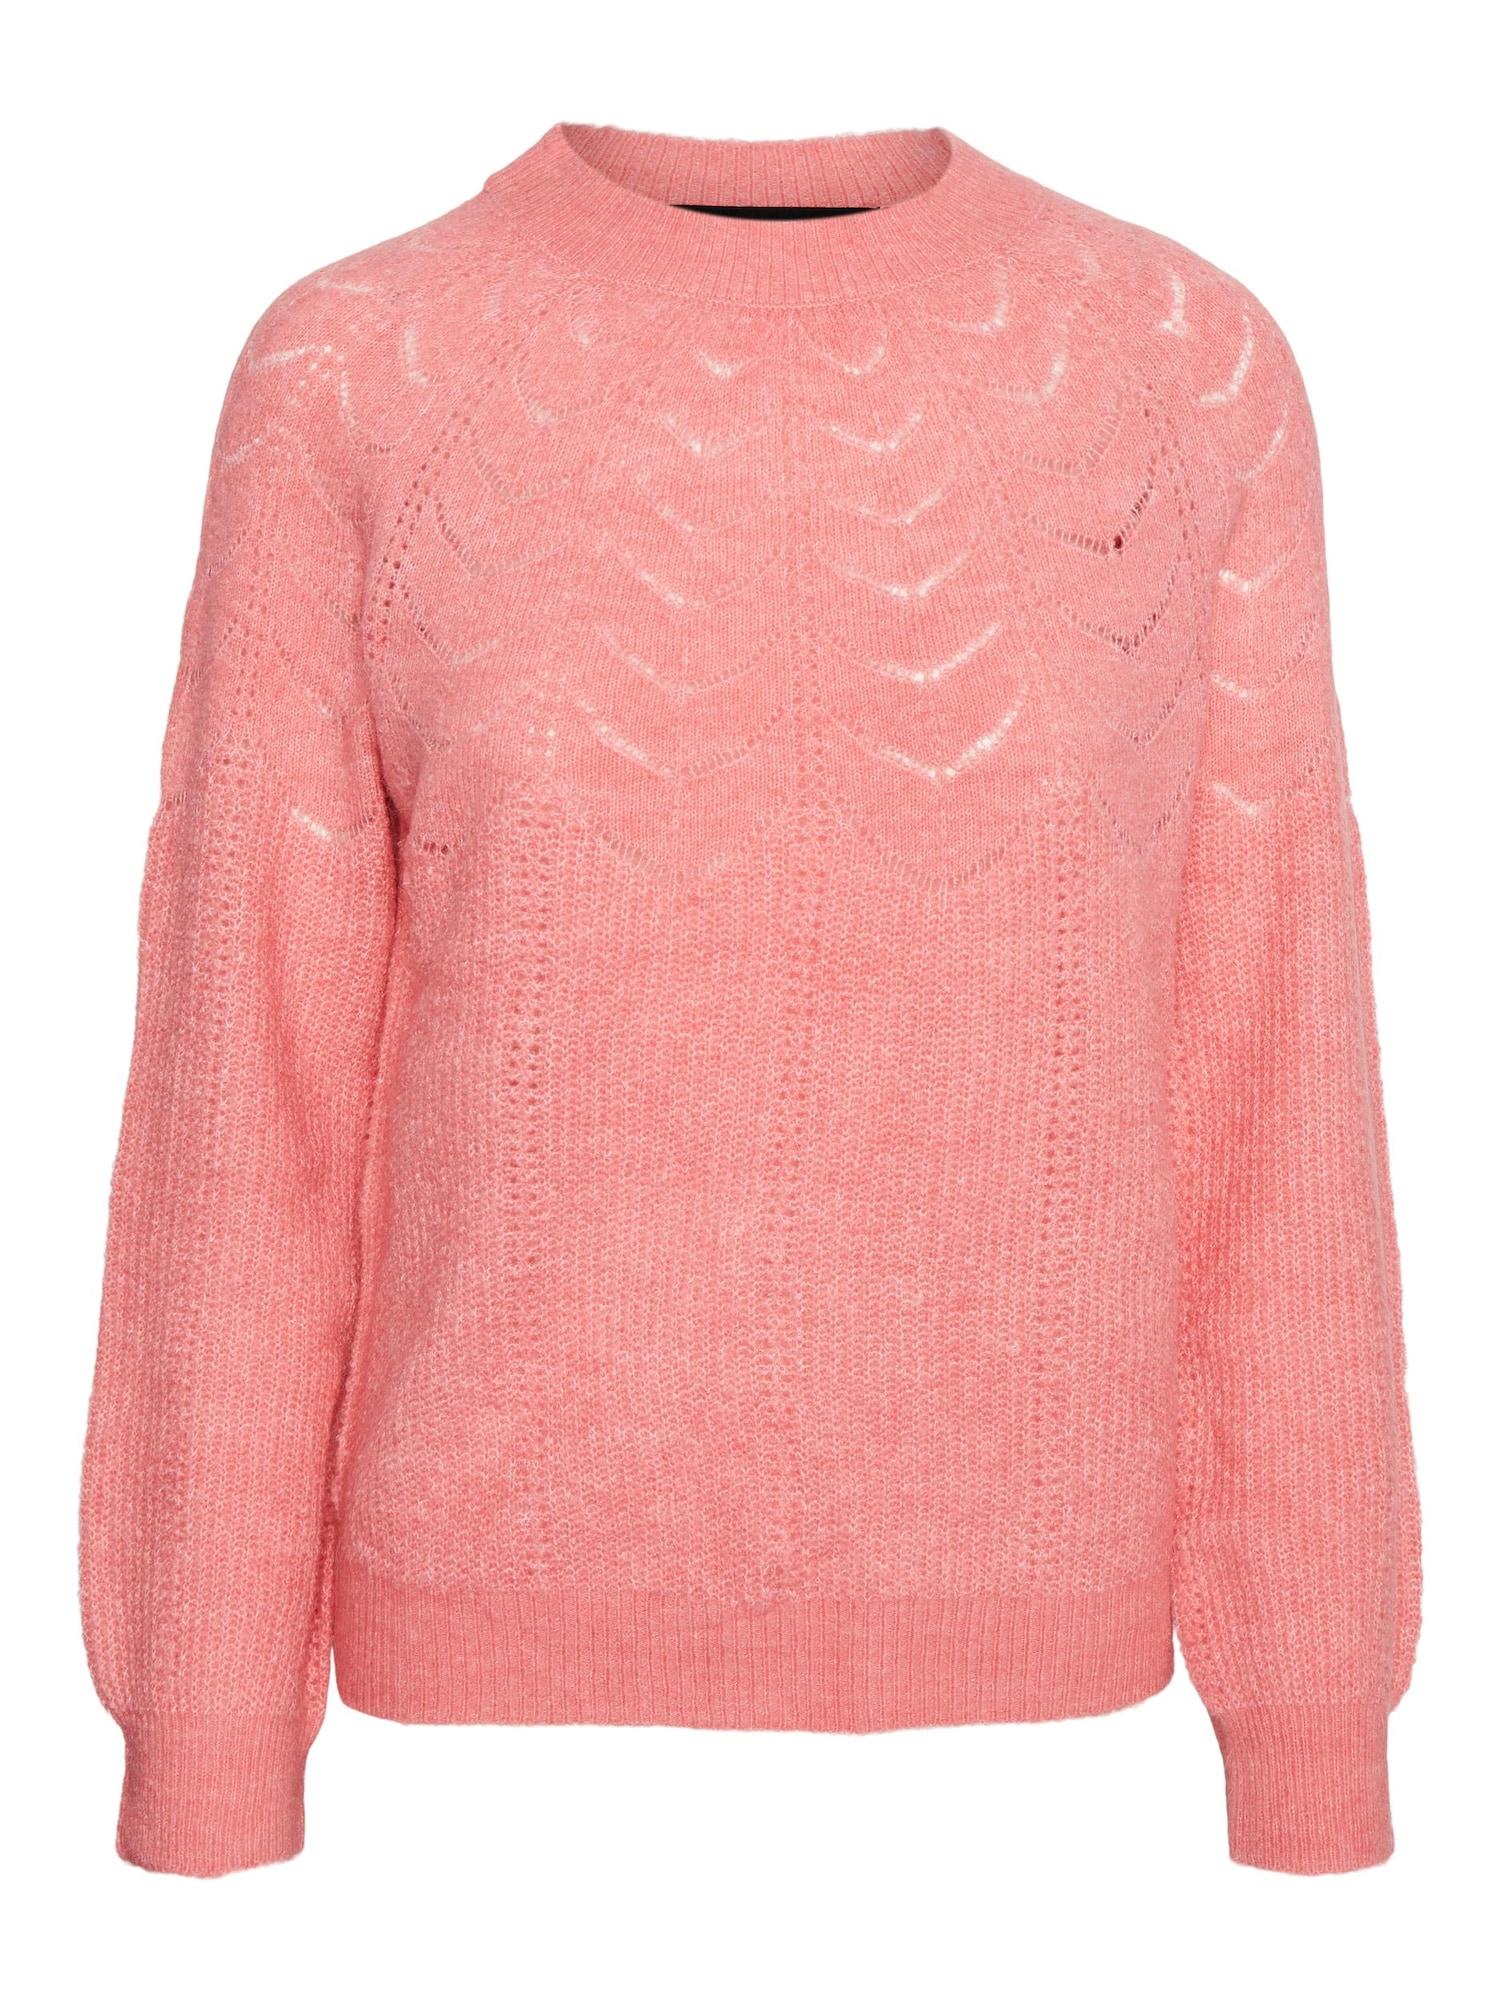 VERO MODA Megztinis 'PETRINE' šviesiai rožinė